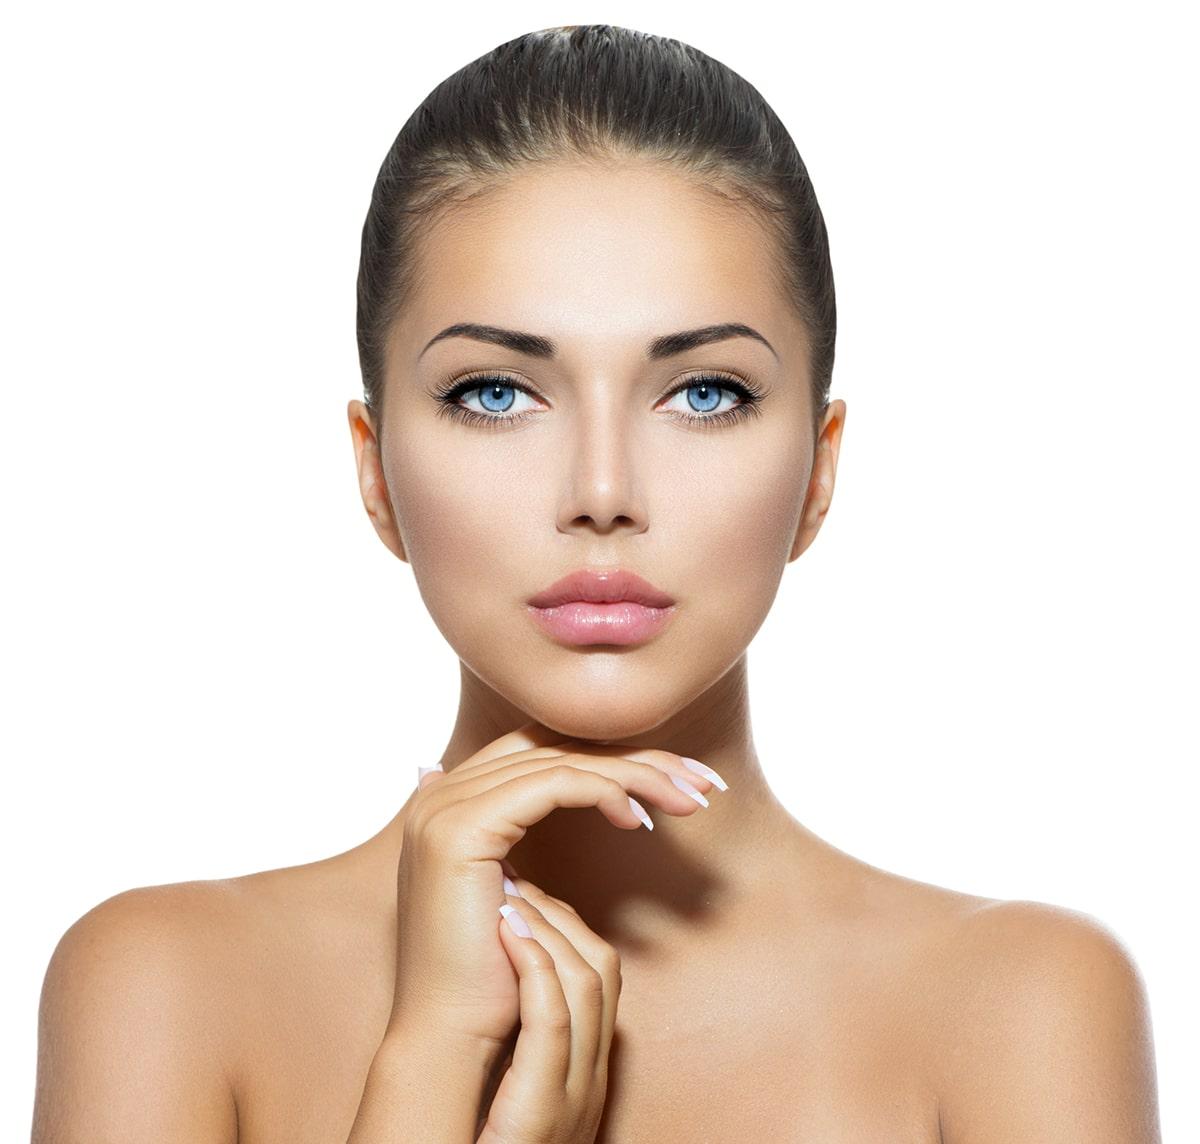 Supermodel look – Nézz ki úgy, mint egy modell!